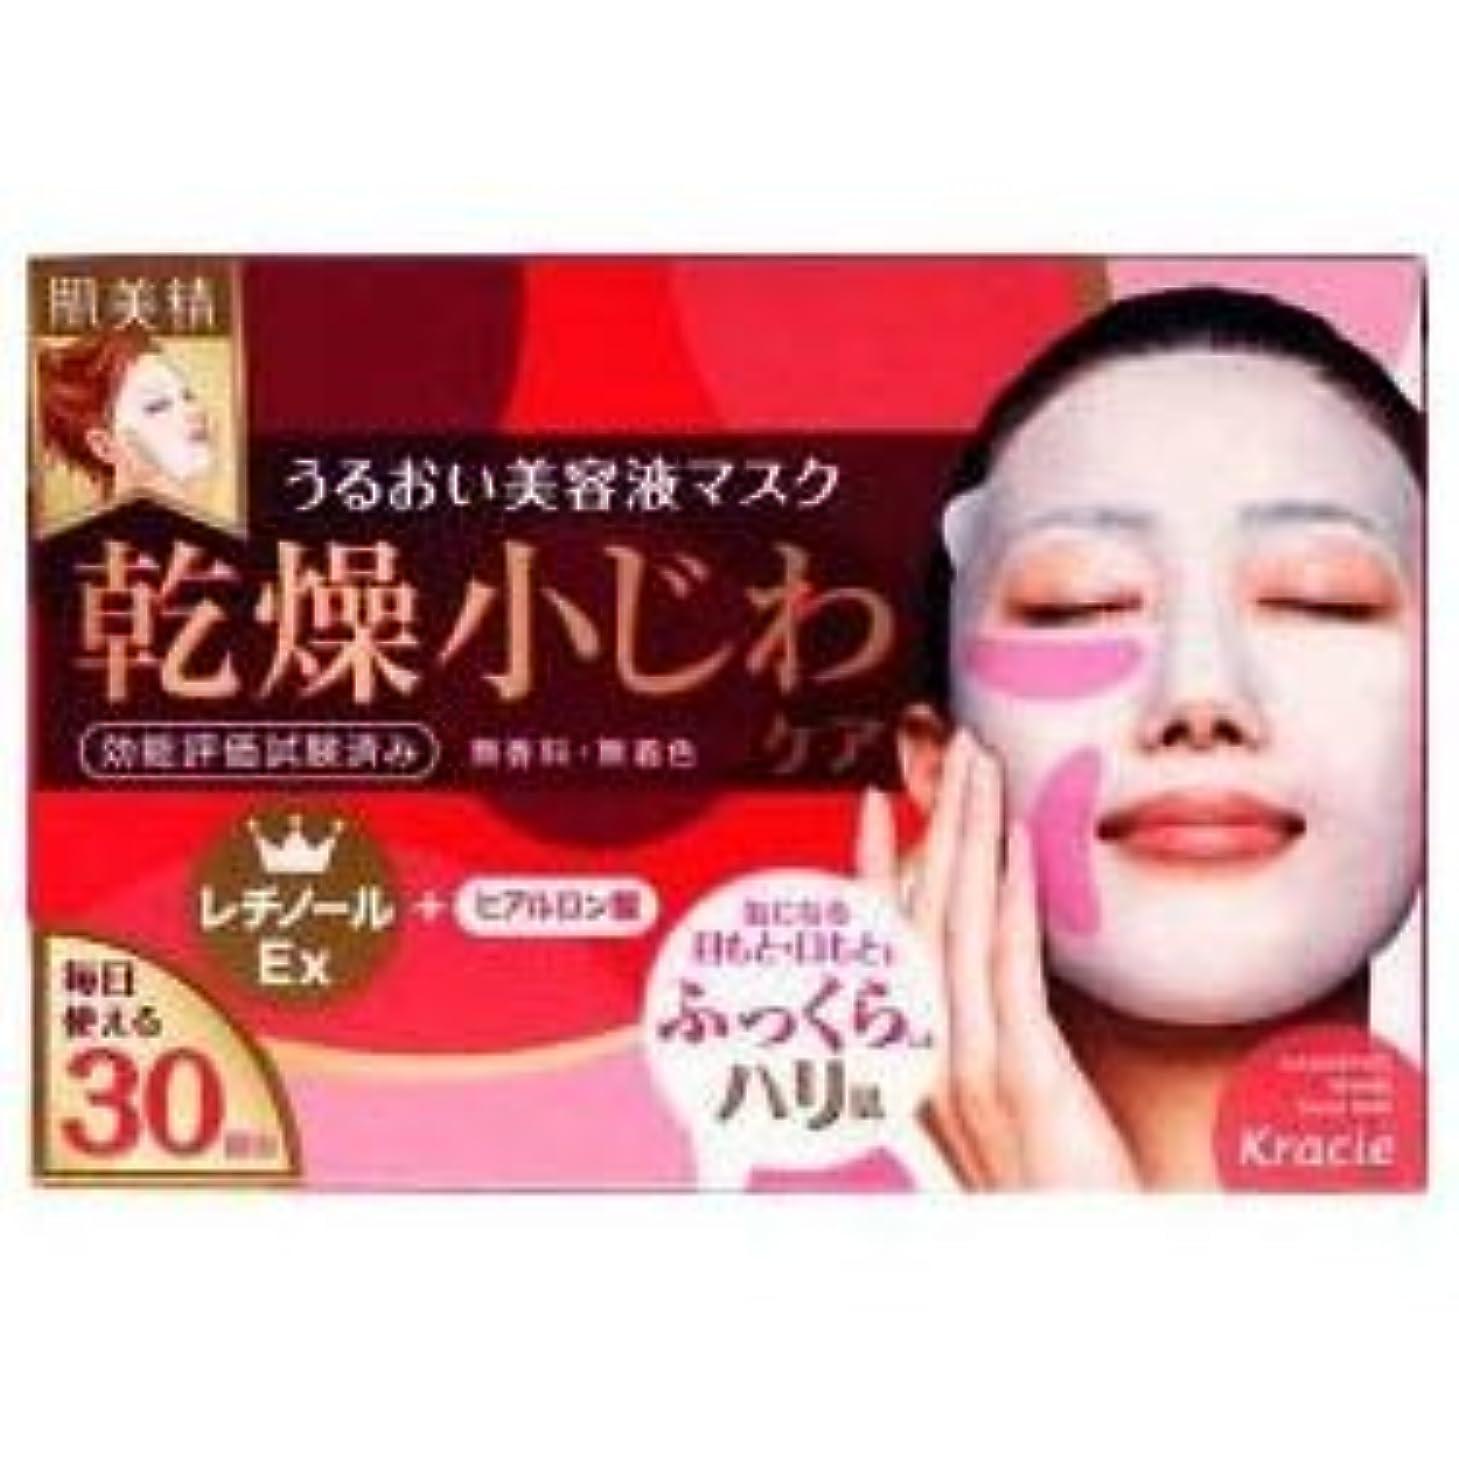 うん猟犬調和【クラシエ】肌美精 デイリーリンクルケア美容液マスク 30枚 ×5個セット